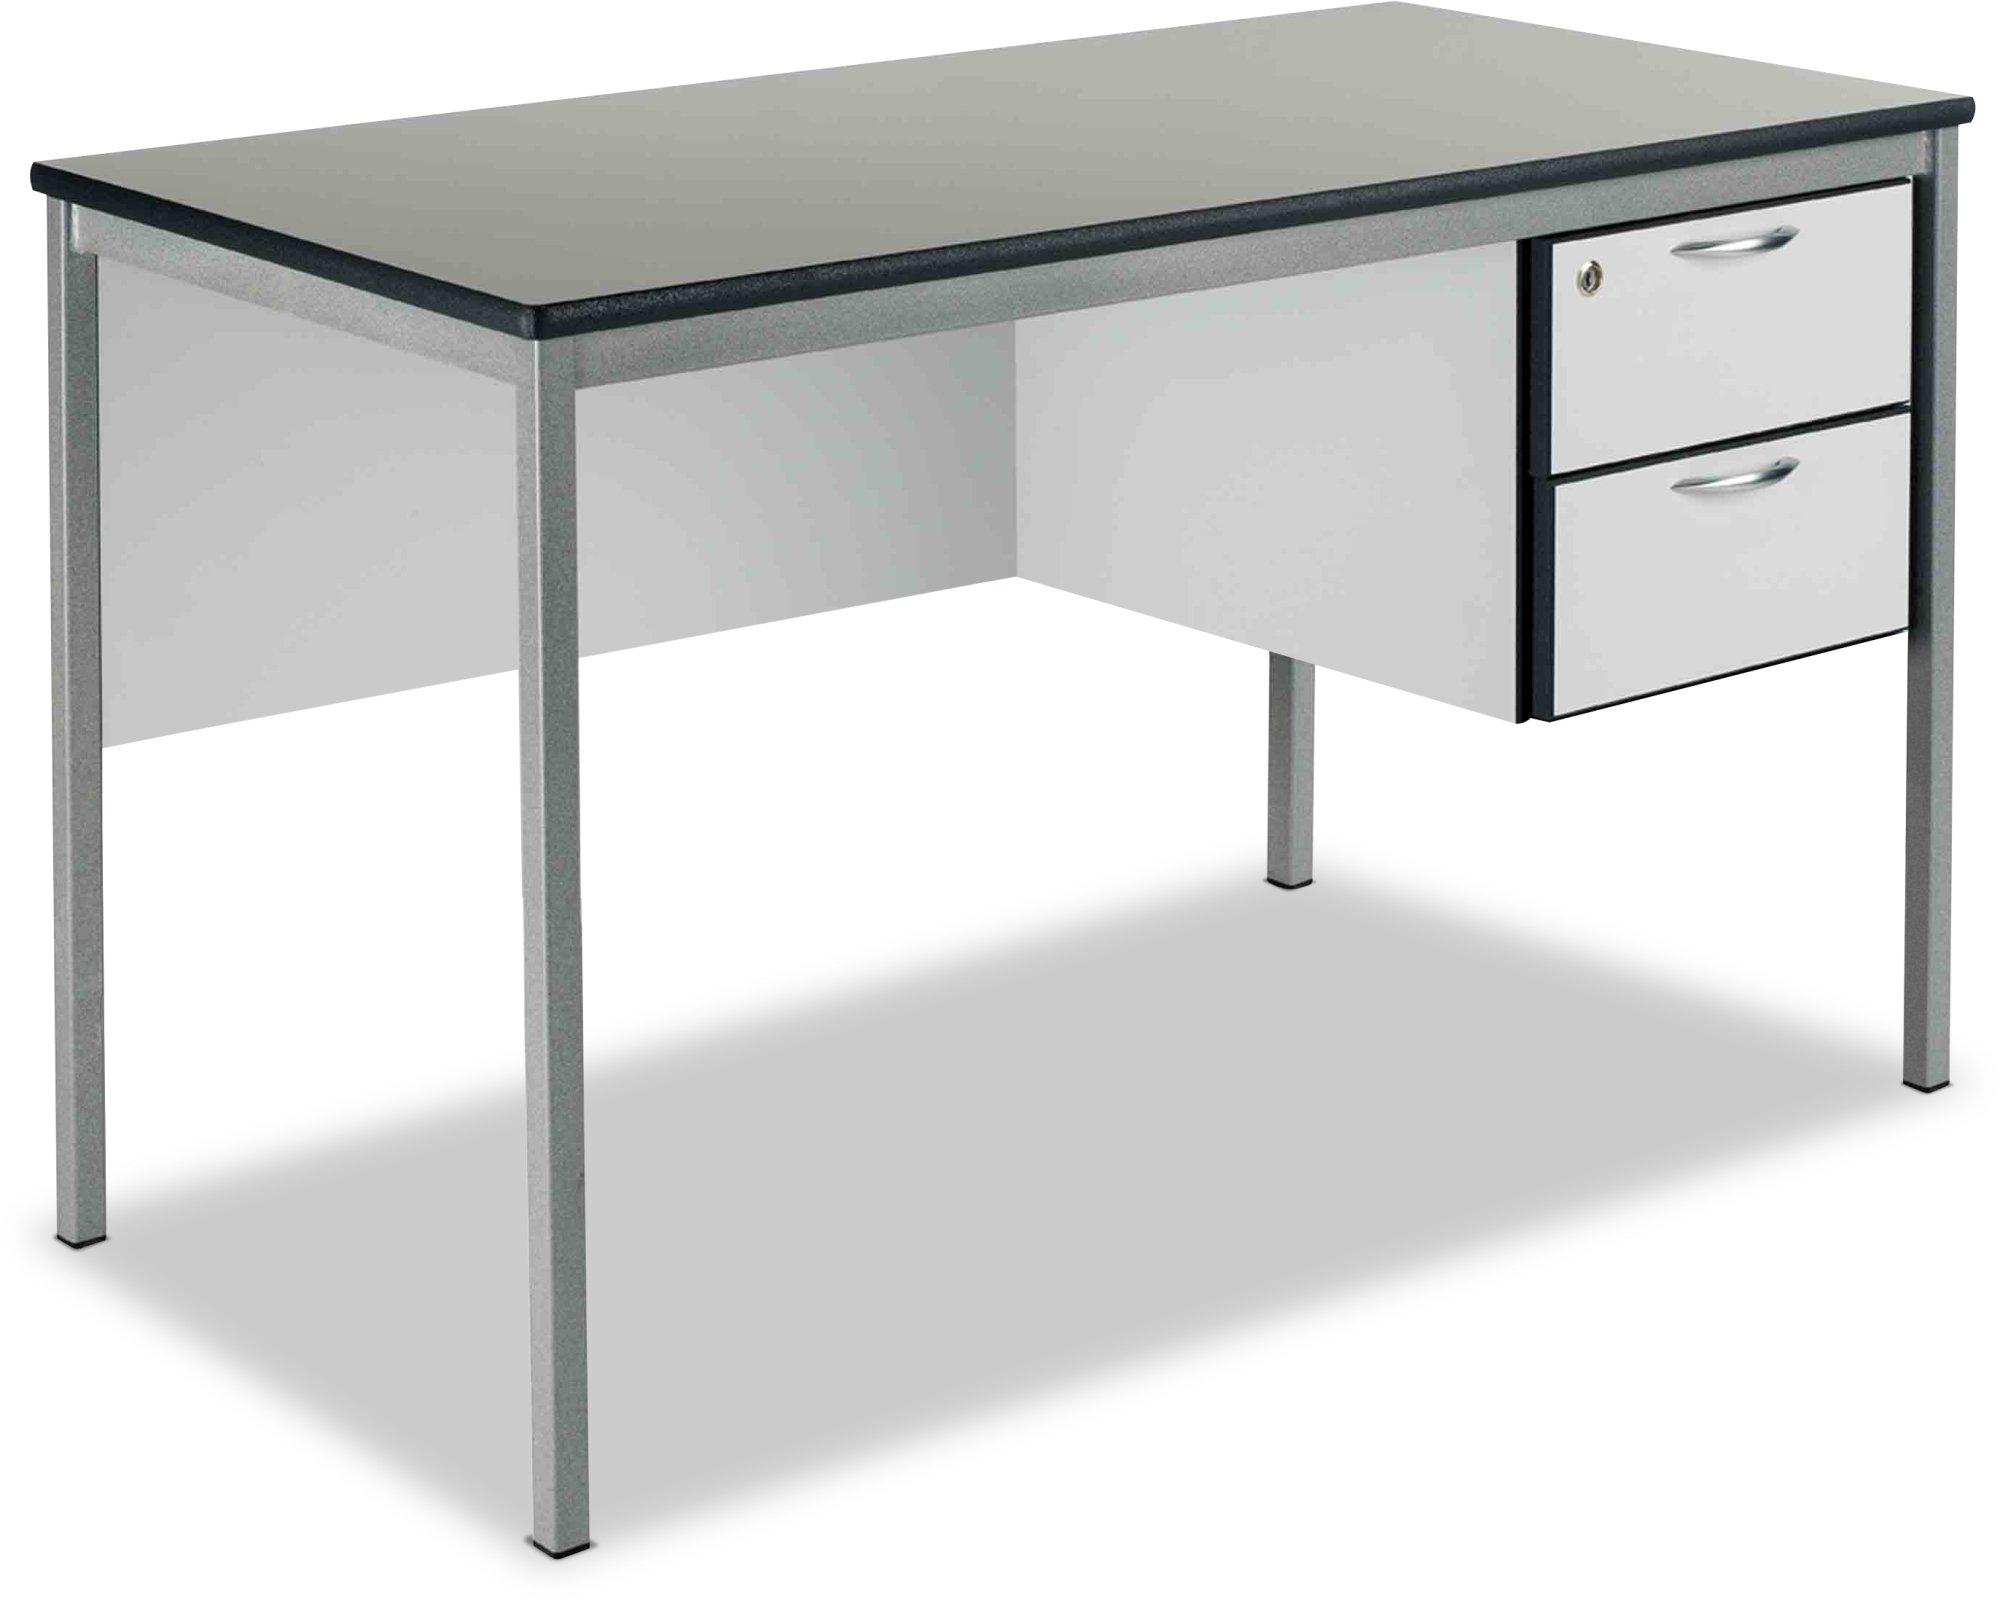 Metalliform Teachers 2 Drawer Fully Welded Frame Desk 1200mm x 600mm ...